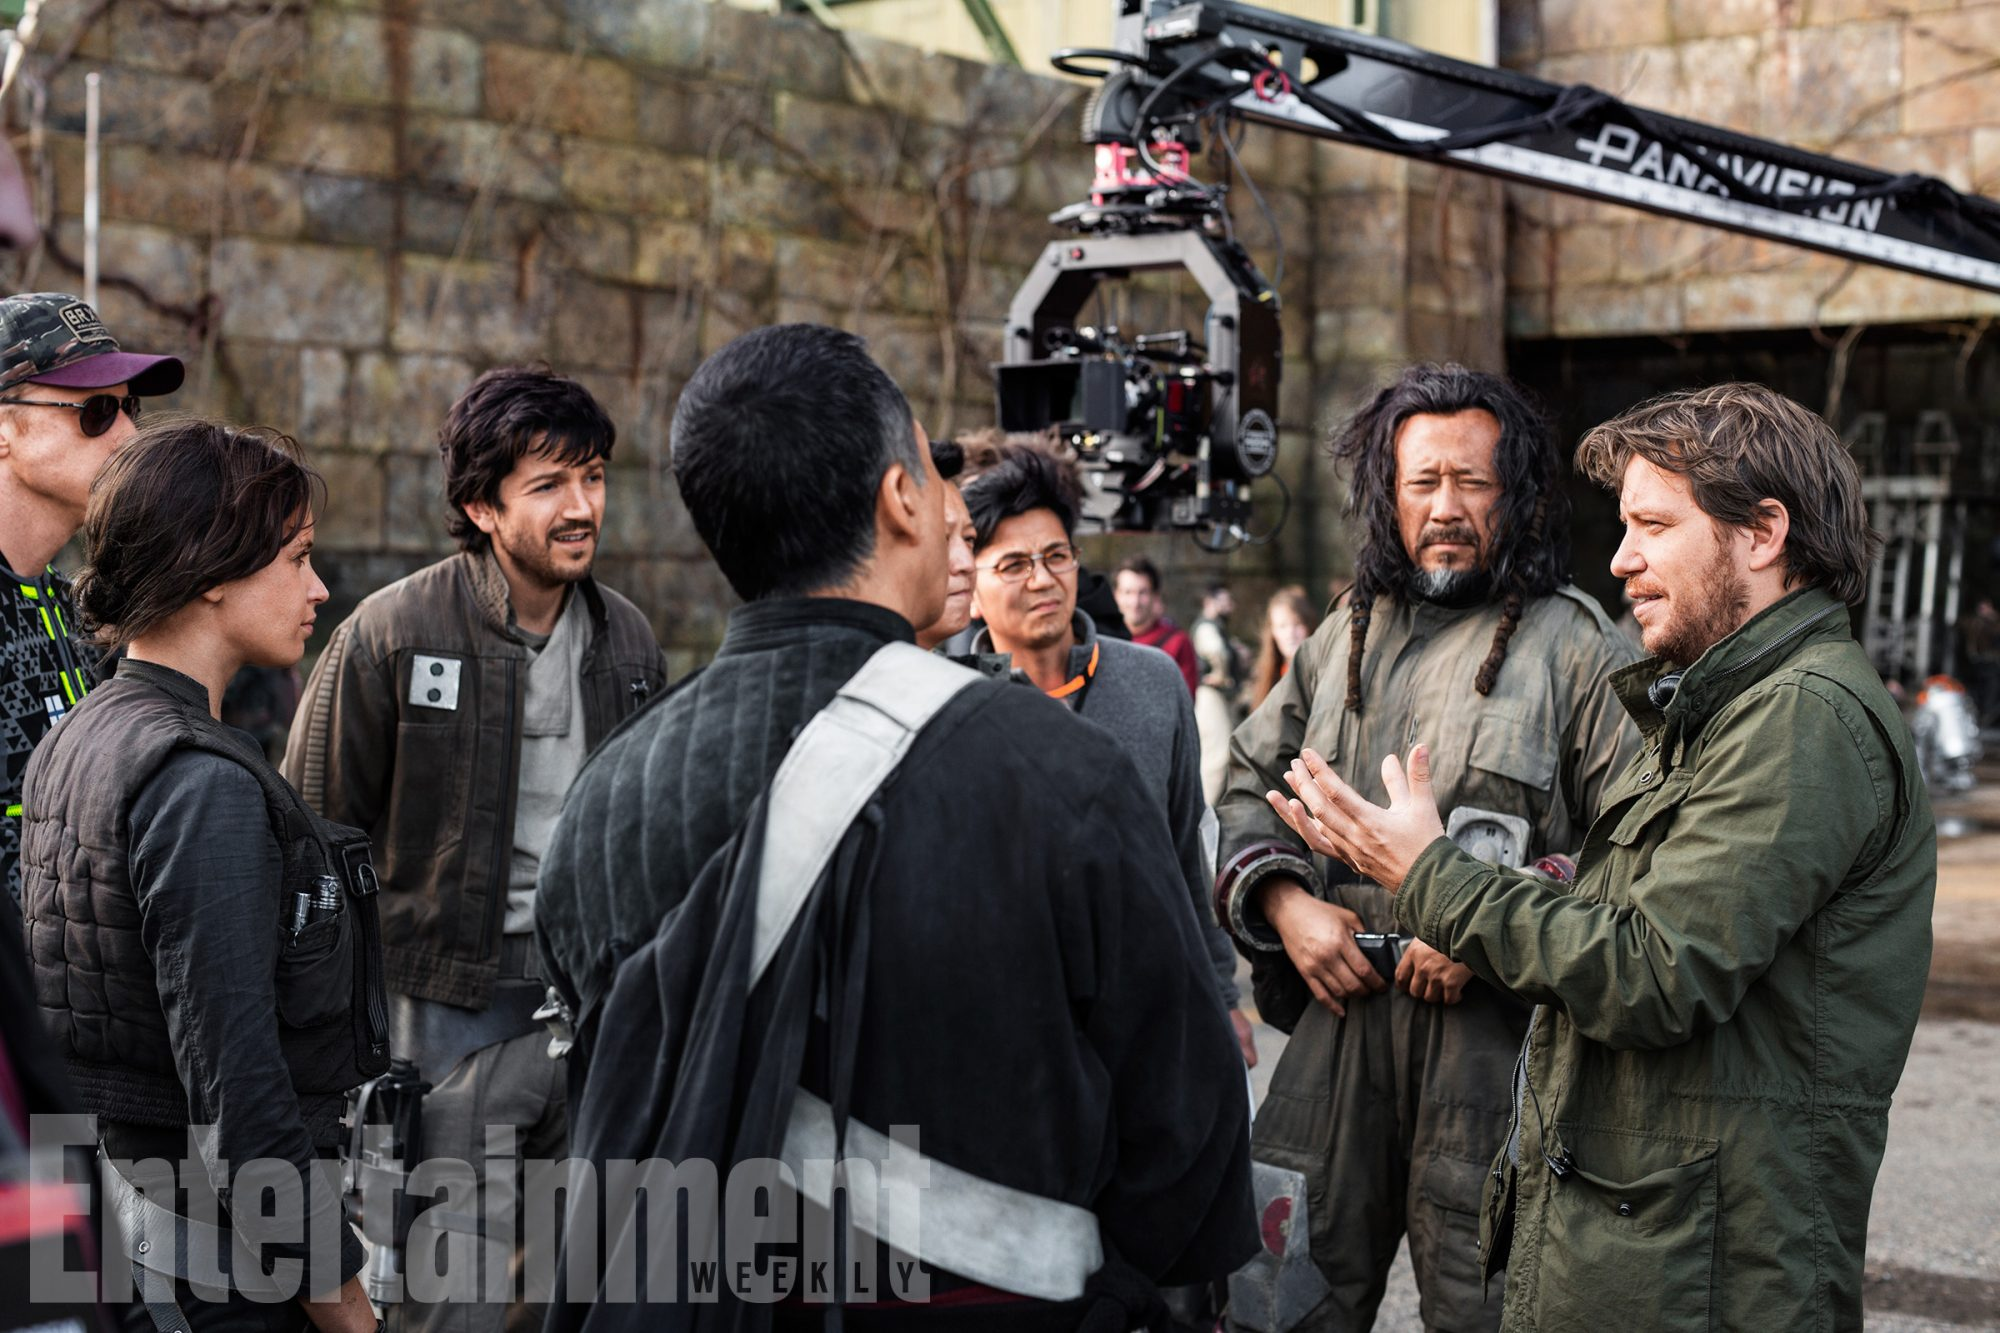 Ди Каприо, Аль Пачино и Морган Фримен: кто изактёров мог сыграть в«Звёздных войнах»? 4